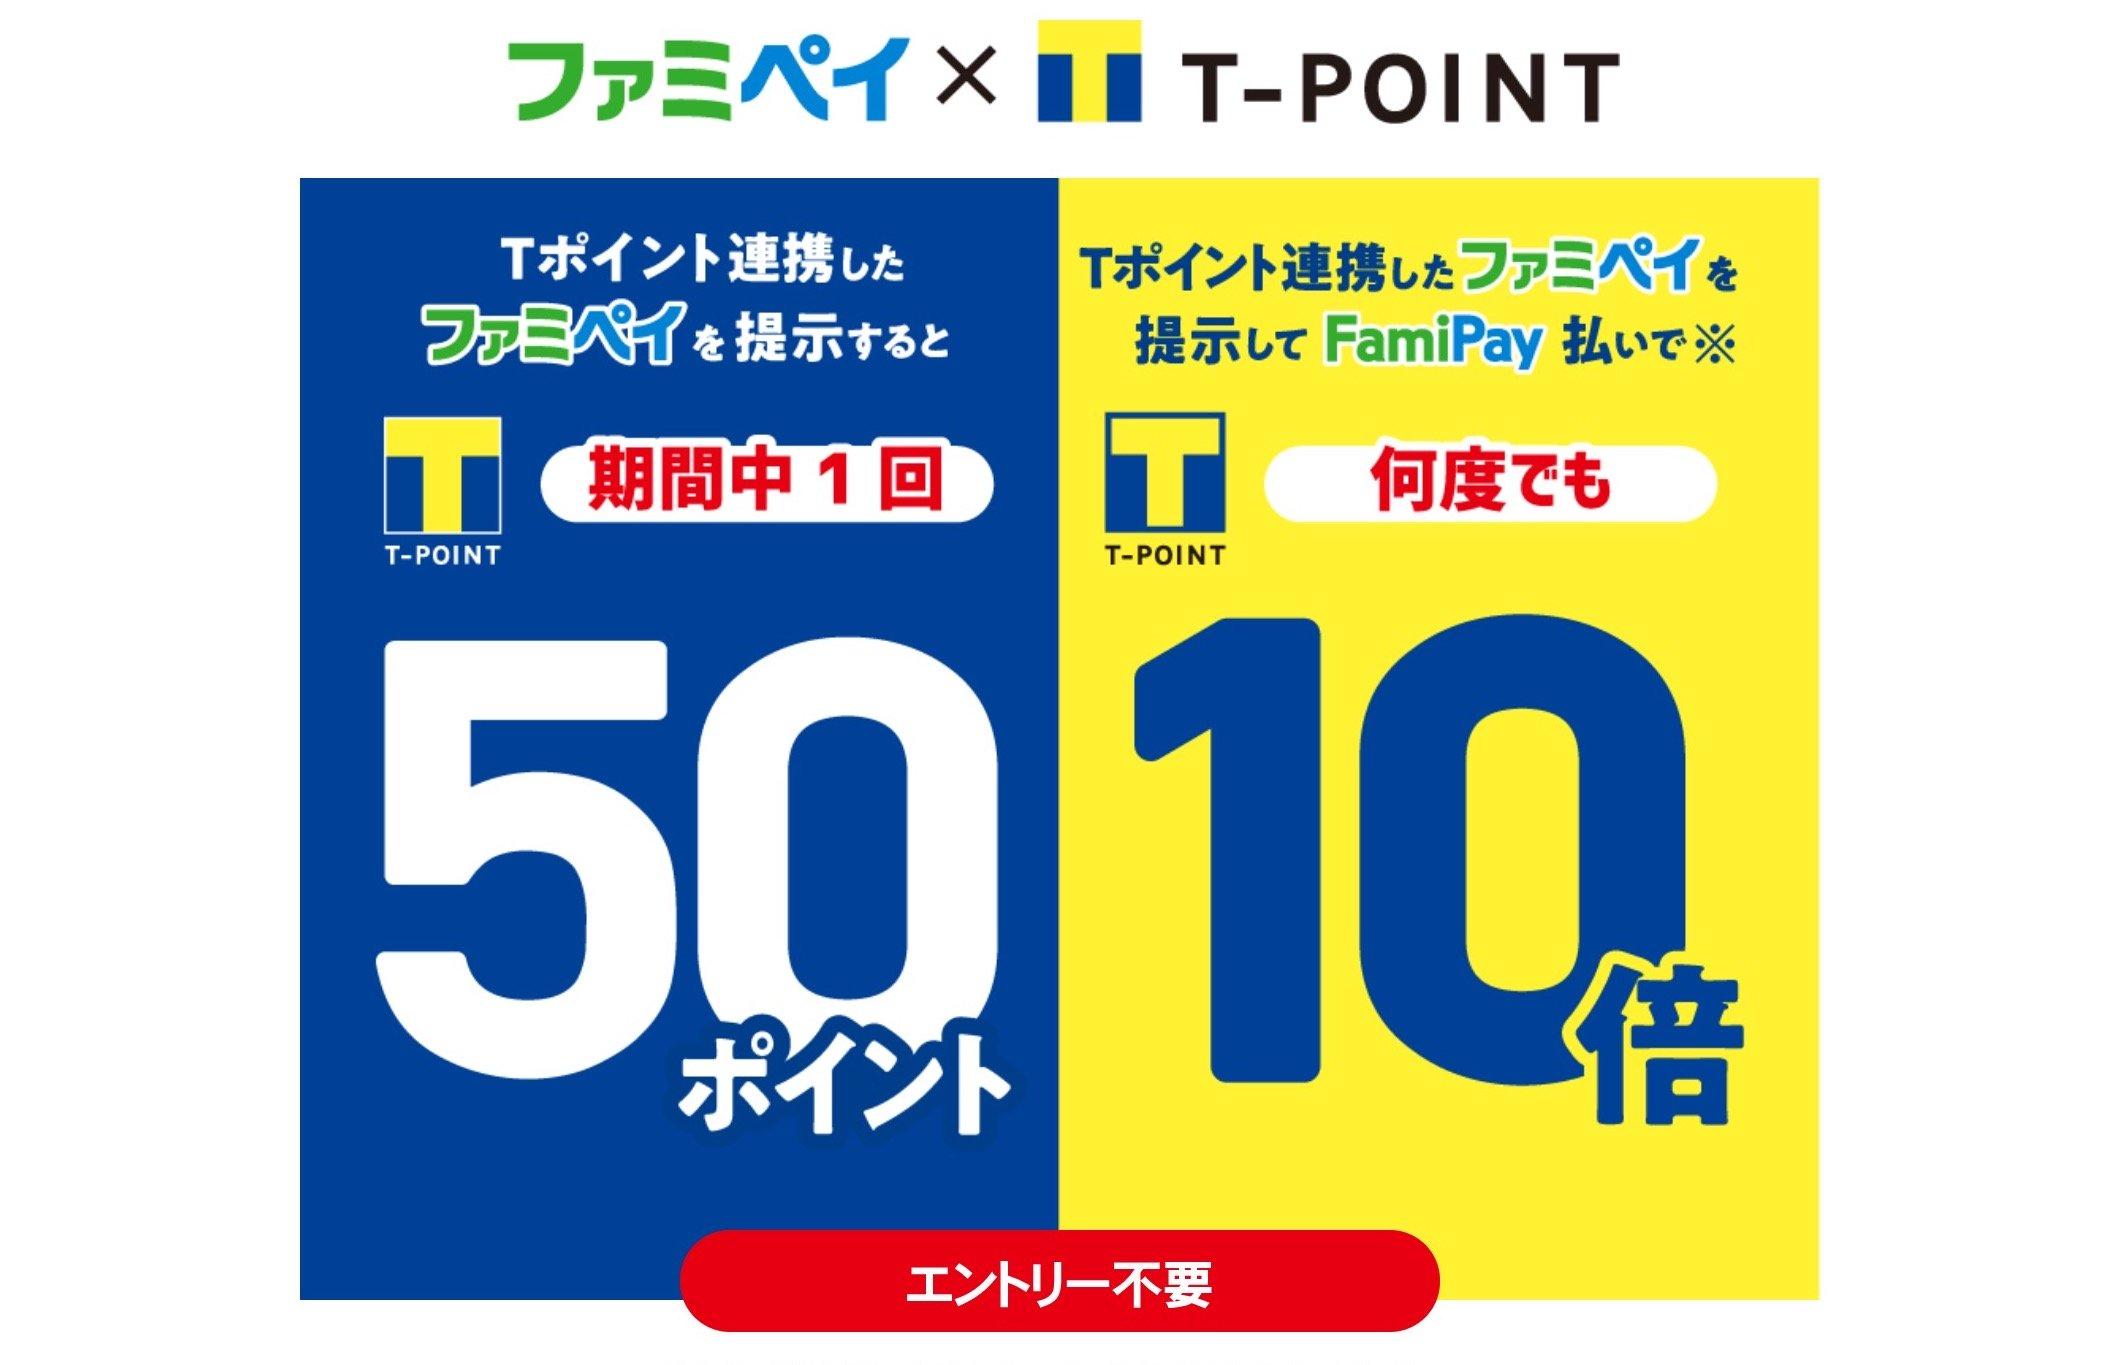 ファミマ、Tポイント10倍キャンペーン開始〜ファミペイxTポイントで